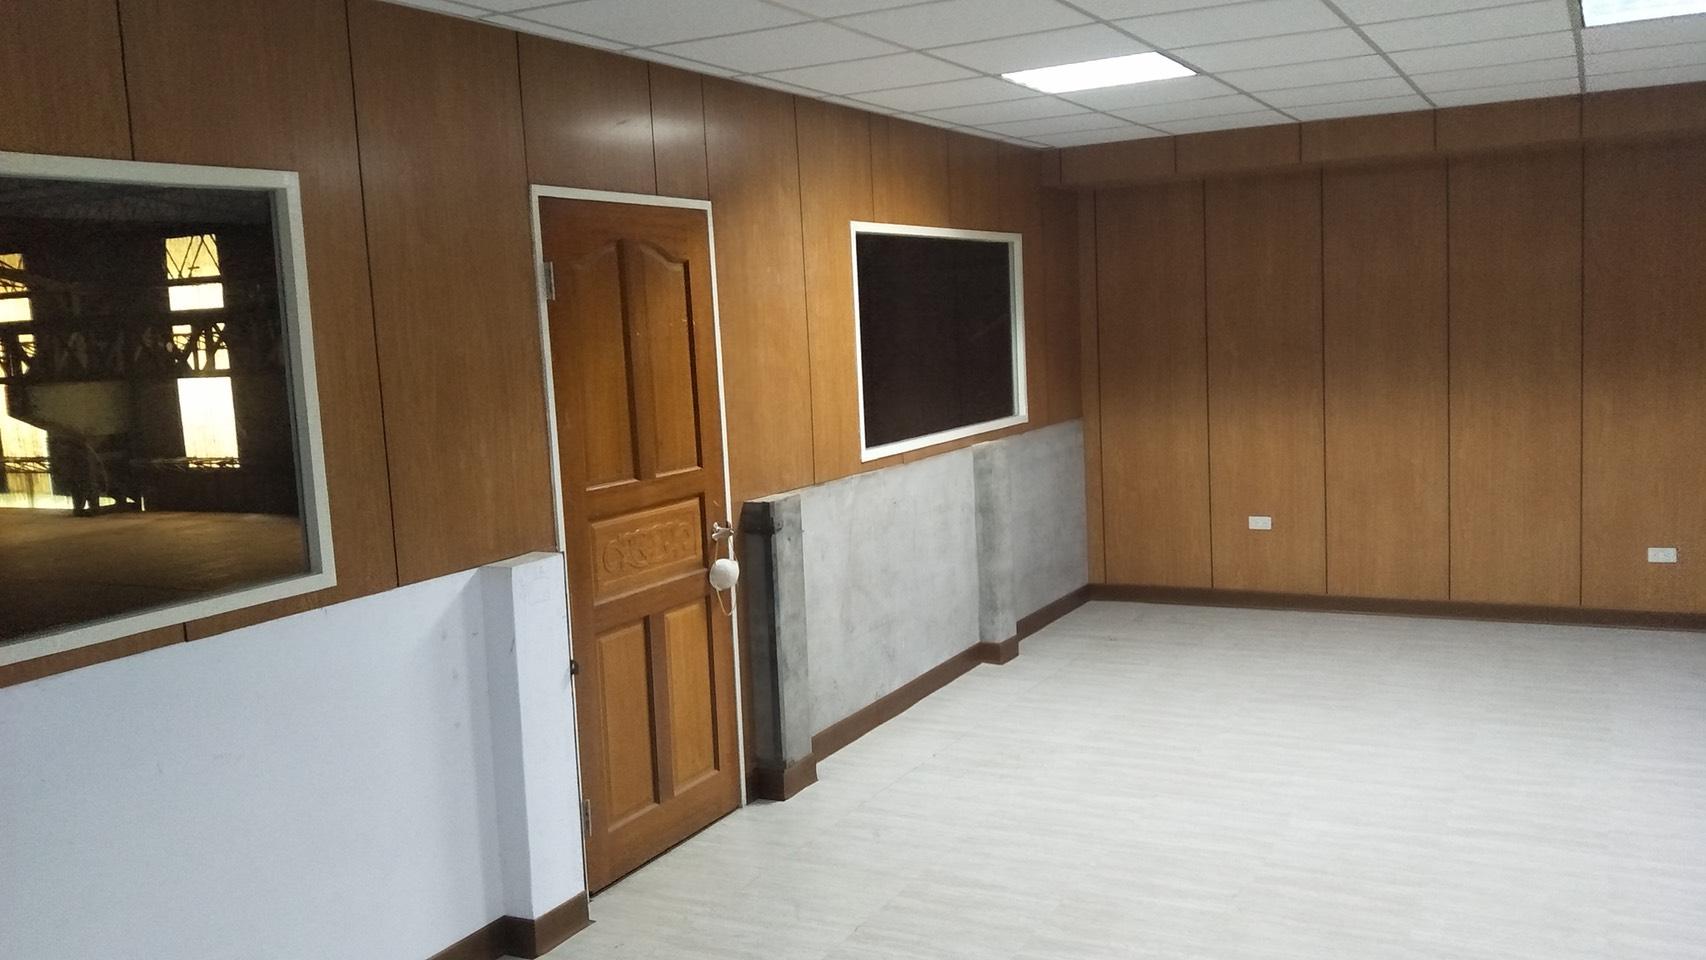 台北市住家室內裝潢衣櫃系統櫃木工 (26)